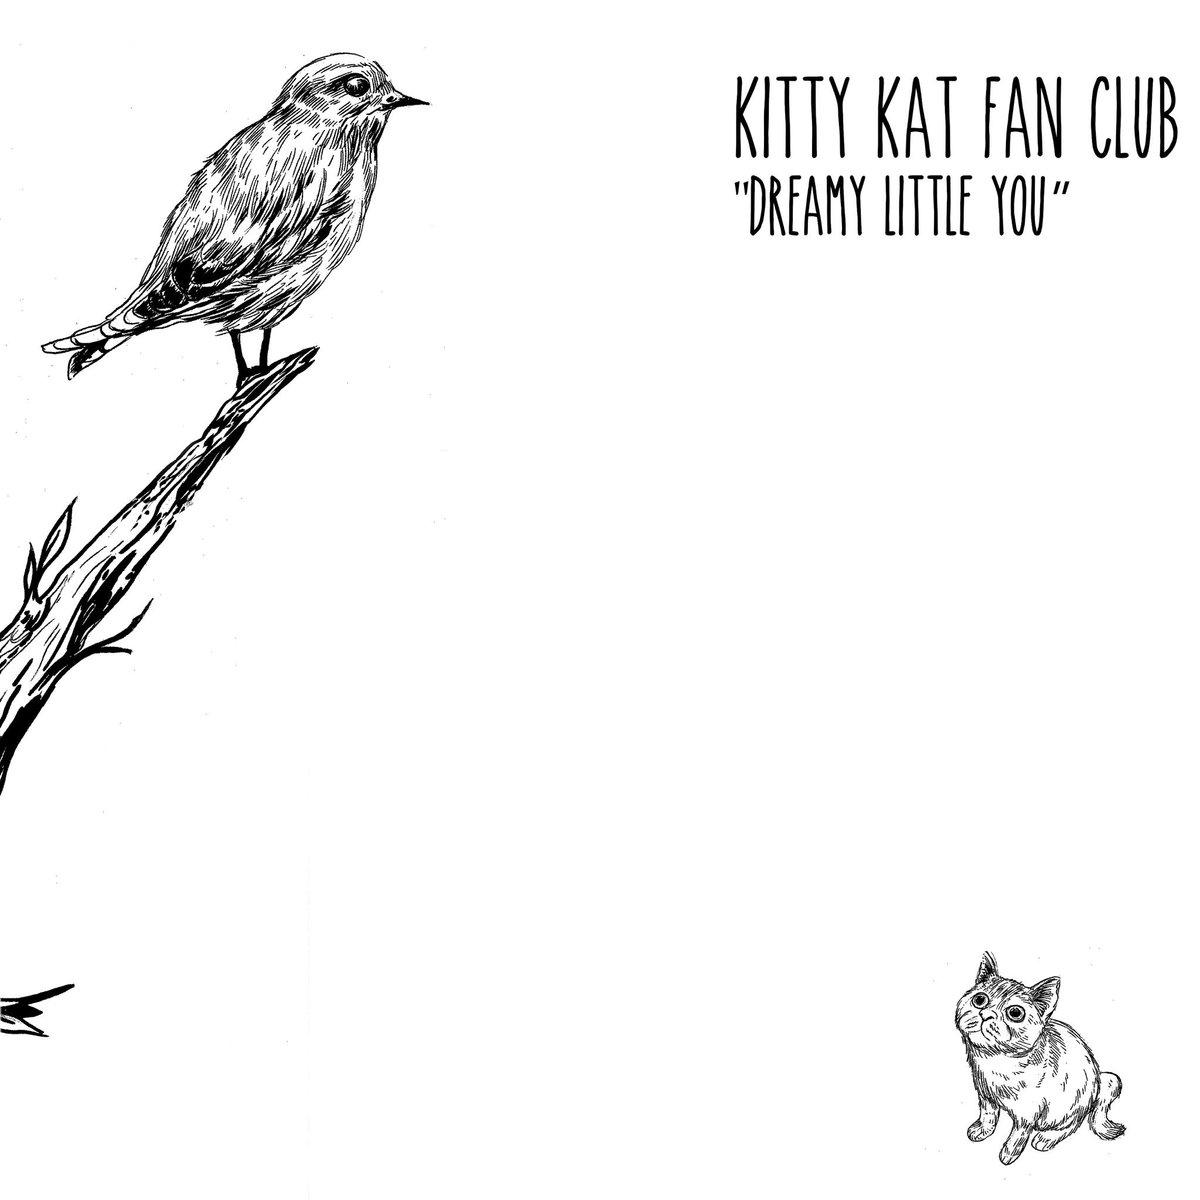 kitty kat fan club.jpg